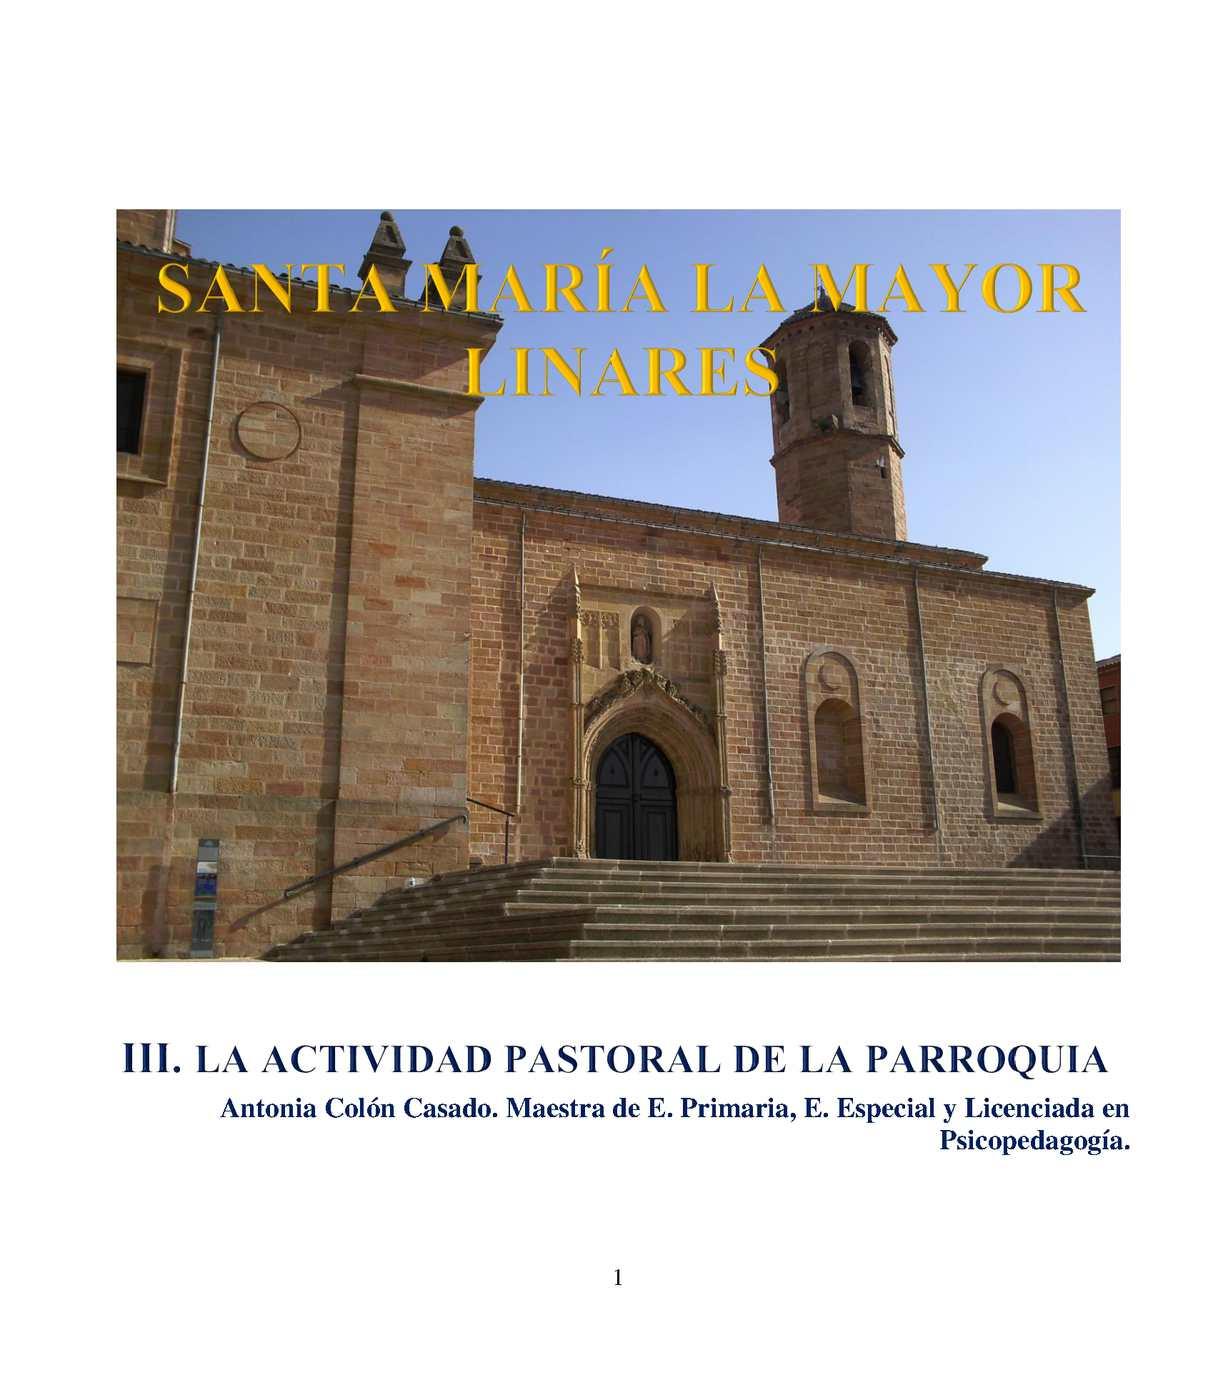 Calaméo - III. Actividad Pastoral de Santa María. Antonia Colón